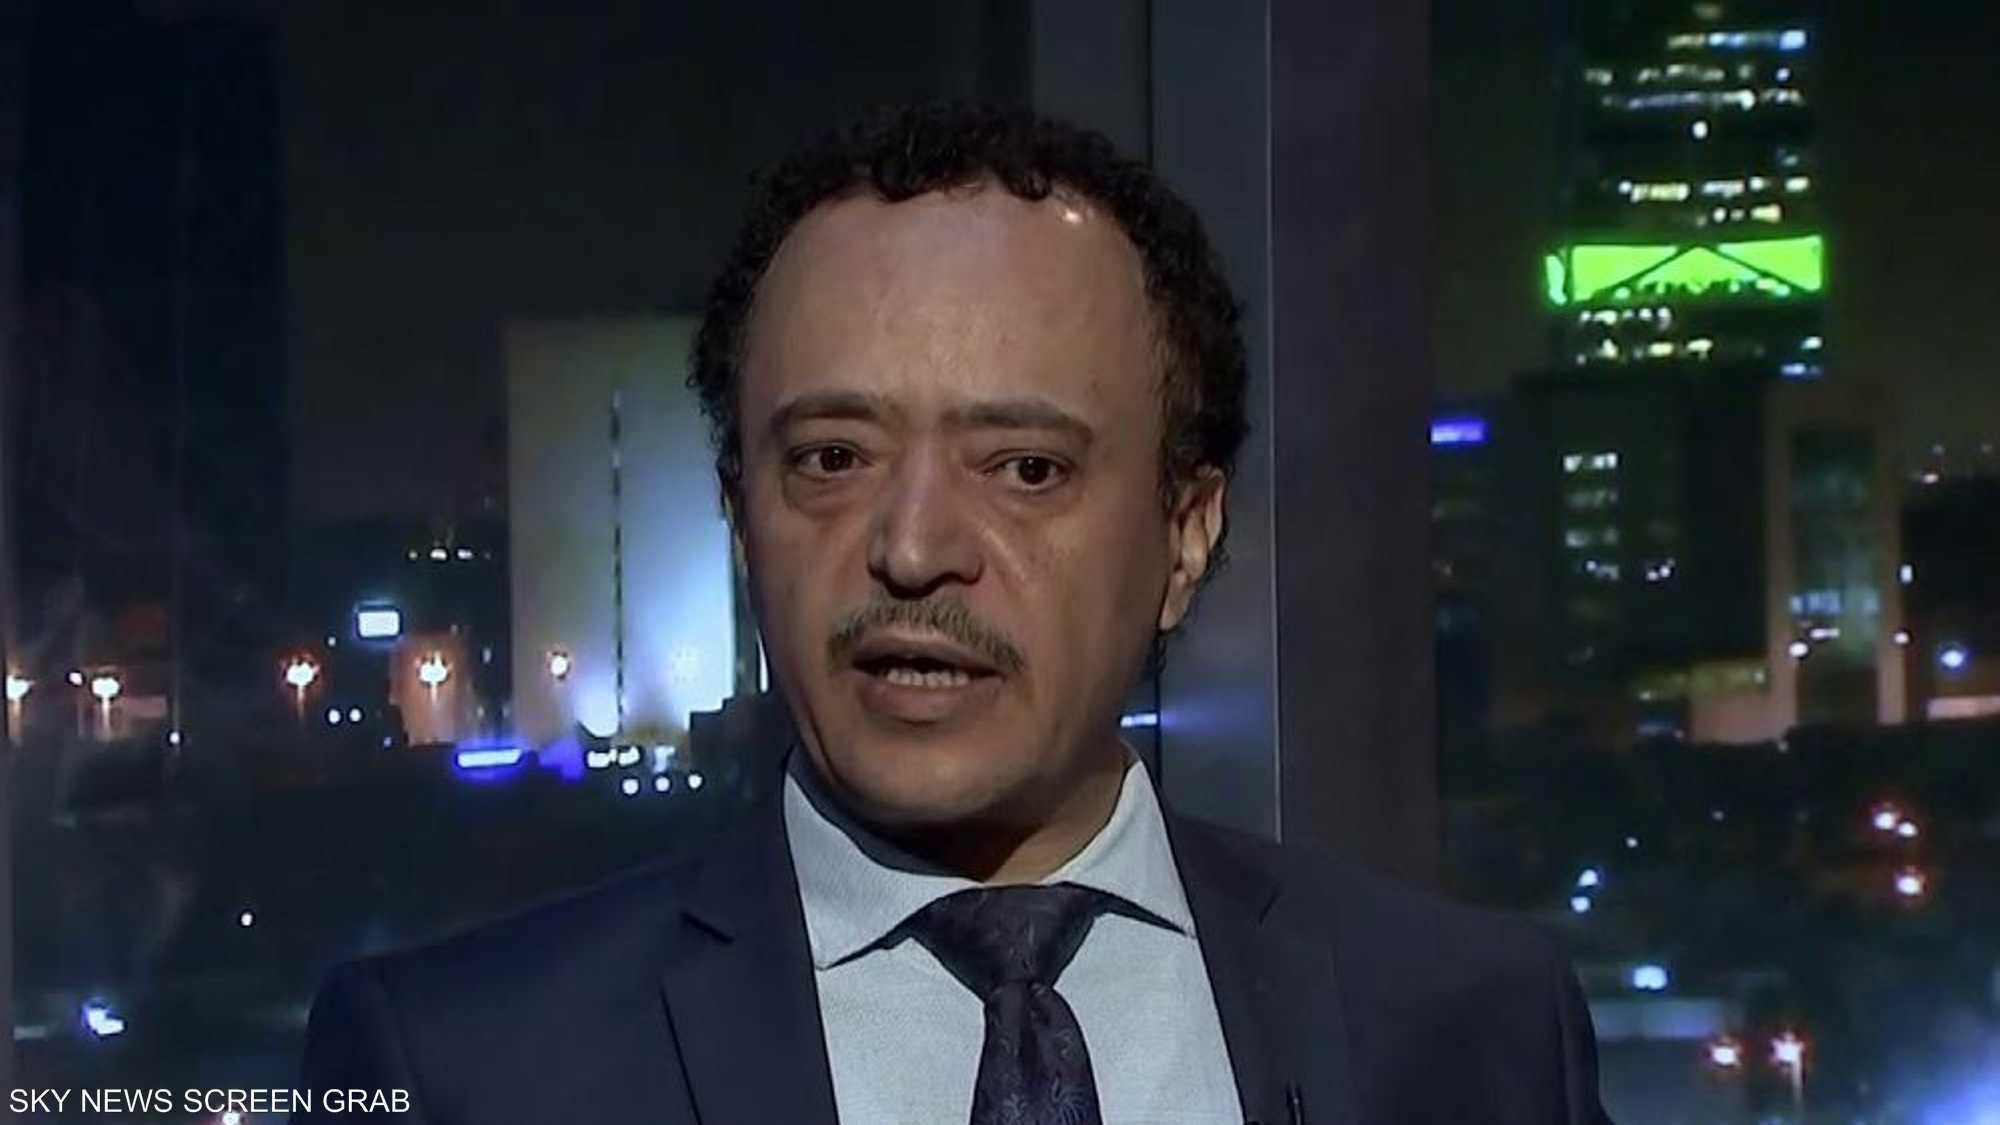 السعودية والإمارات والكويت الأكثر سخاء في مؤتمر المانحين